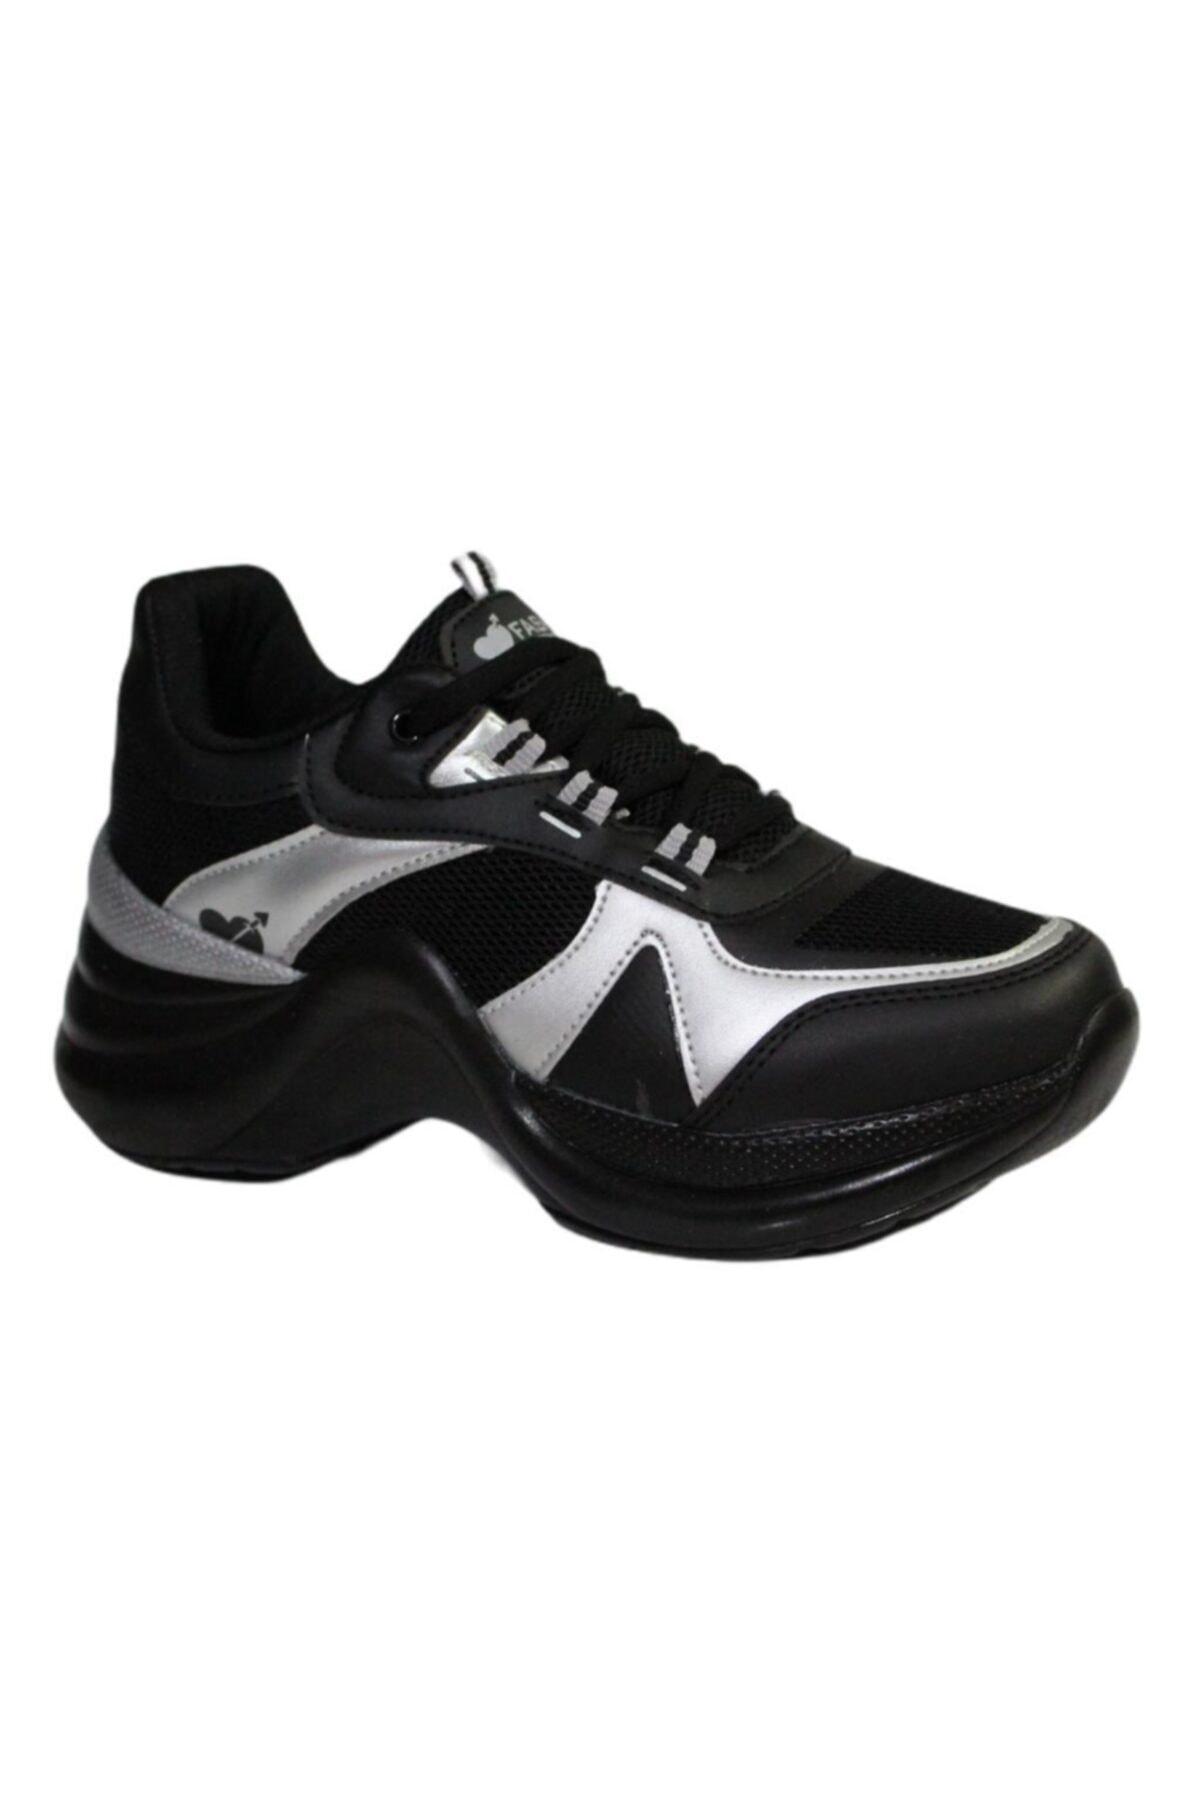 Twingo Kadın Siyah Gri Kalın Taban Yürüyüş Spor Ayakkabı 601 1